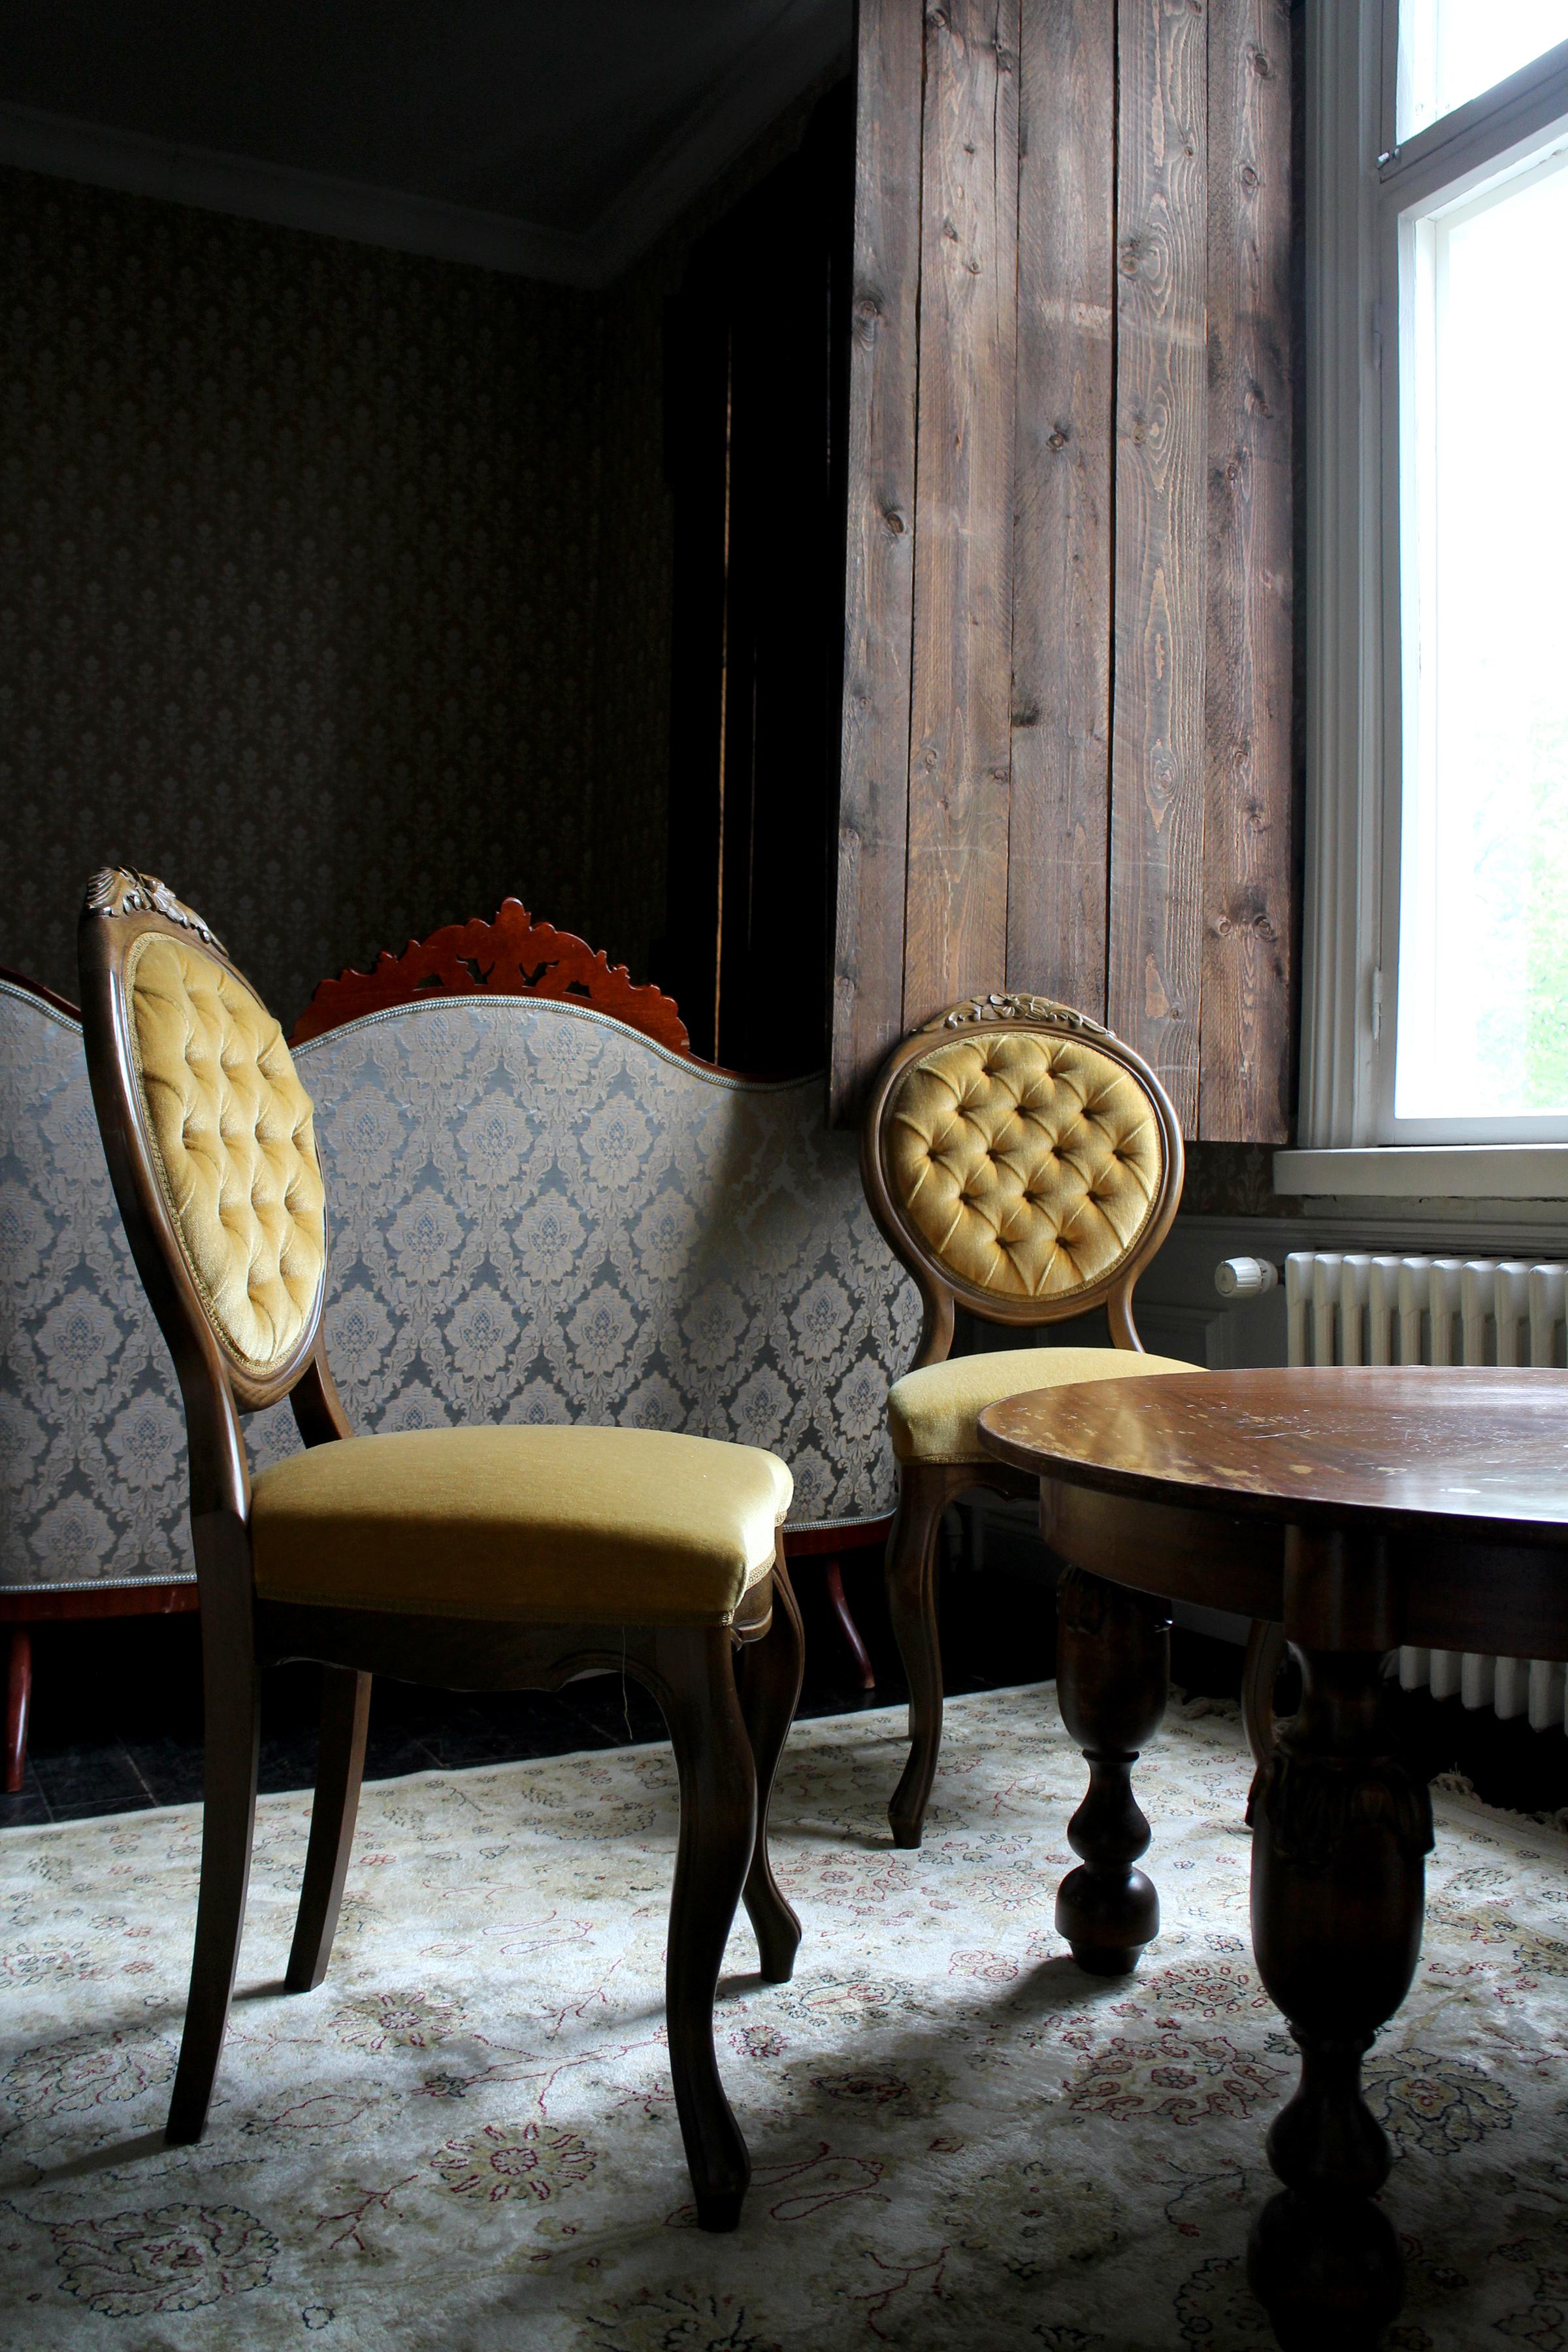 Ruhtinaan sali / Wanha Juhana / juhlapaikka Porissa